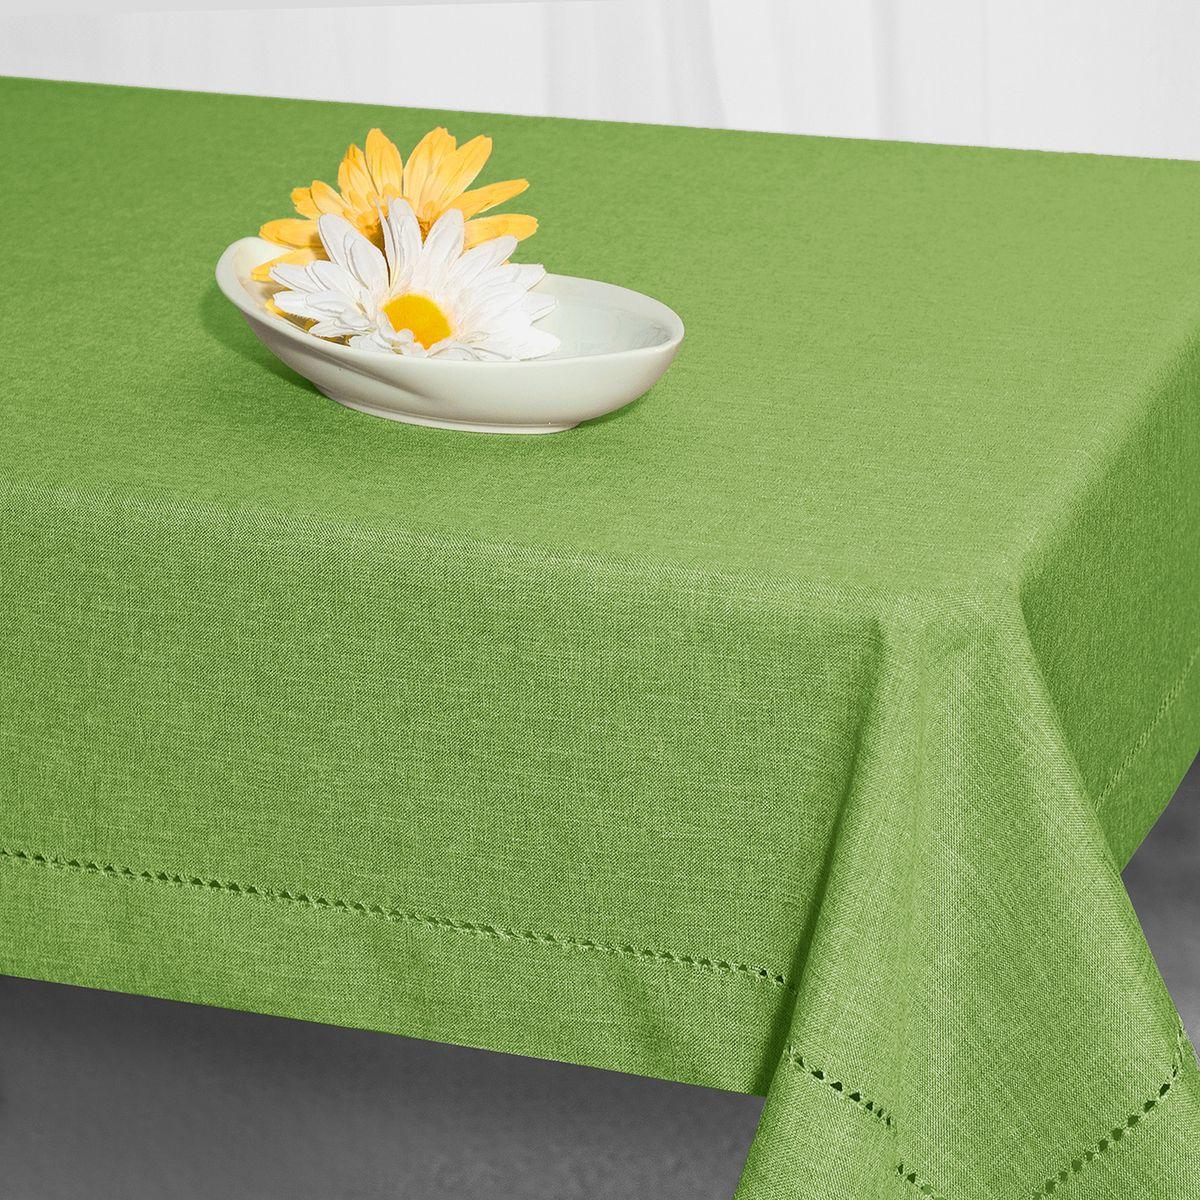 Скатерть Schaefer, прямоугольная, цвет: зеленый, 130 x 170 см. 07602-429 скатерть schaefer прямоугольная 135 x 170 см 07107 402